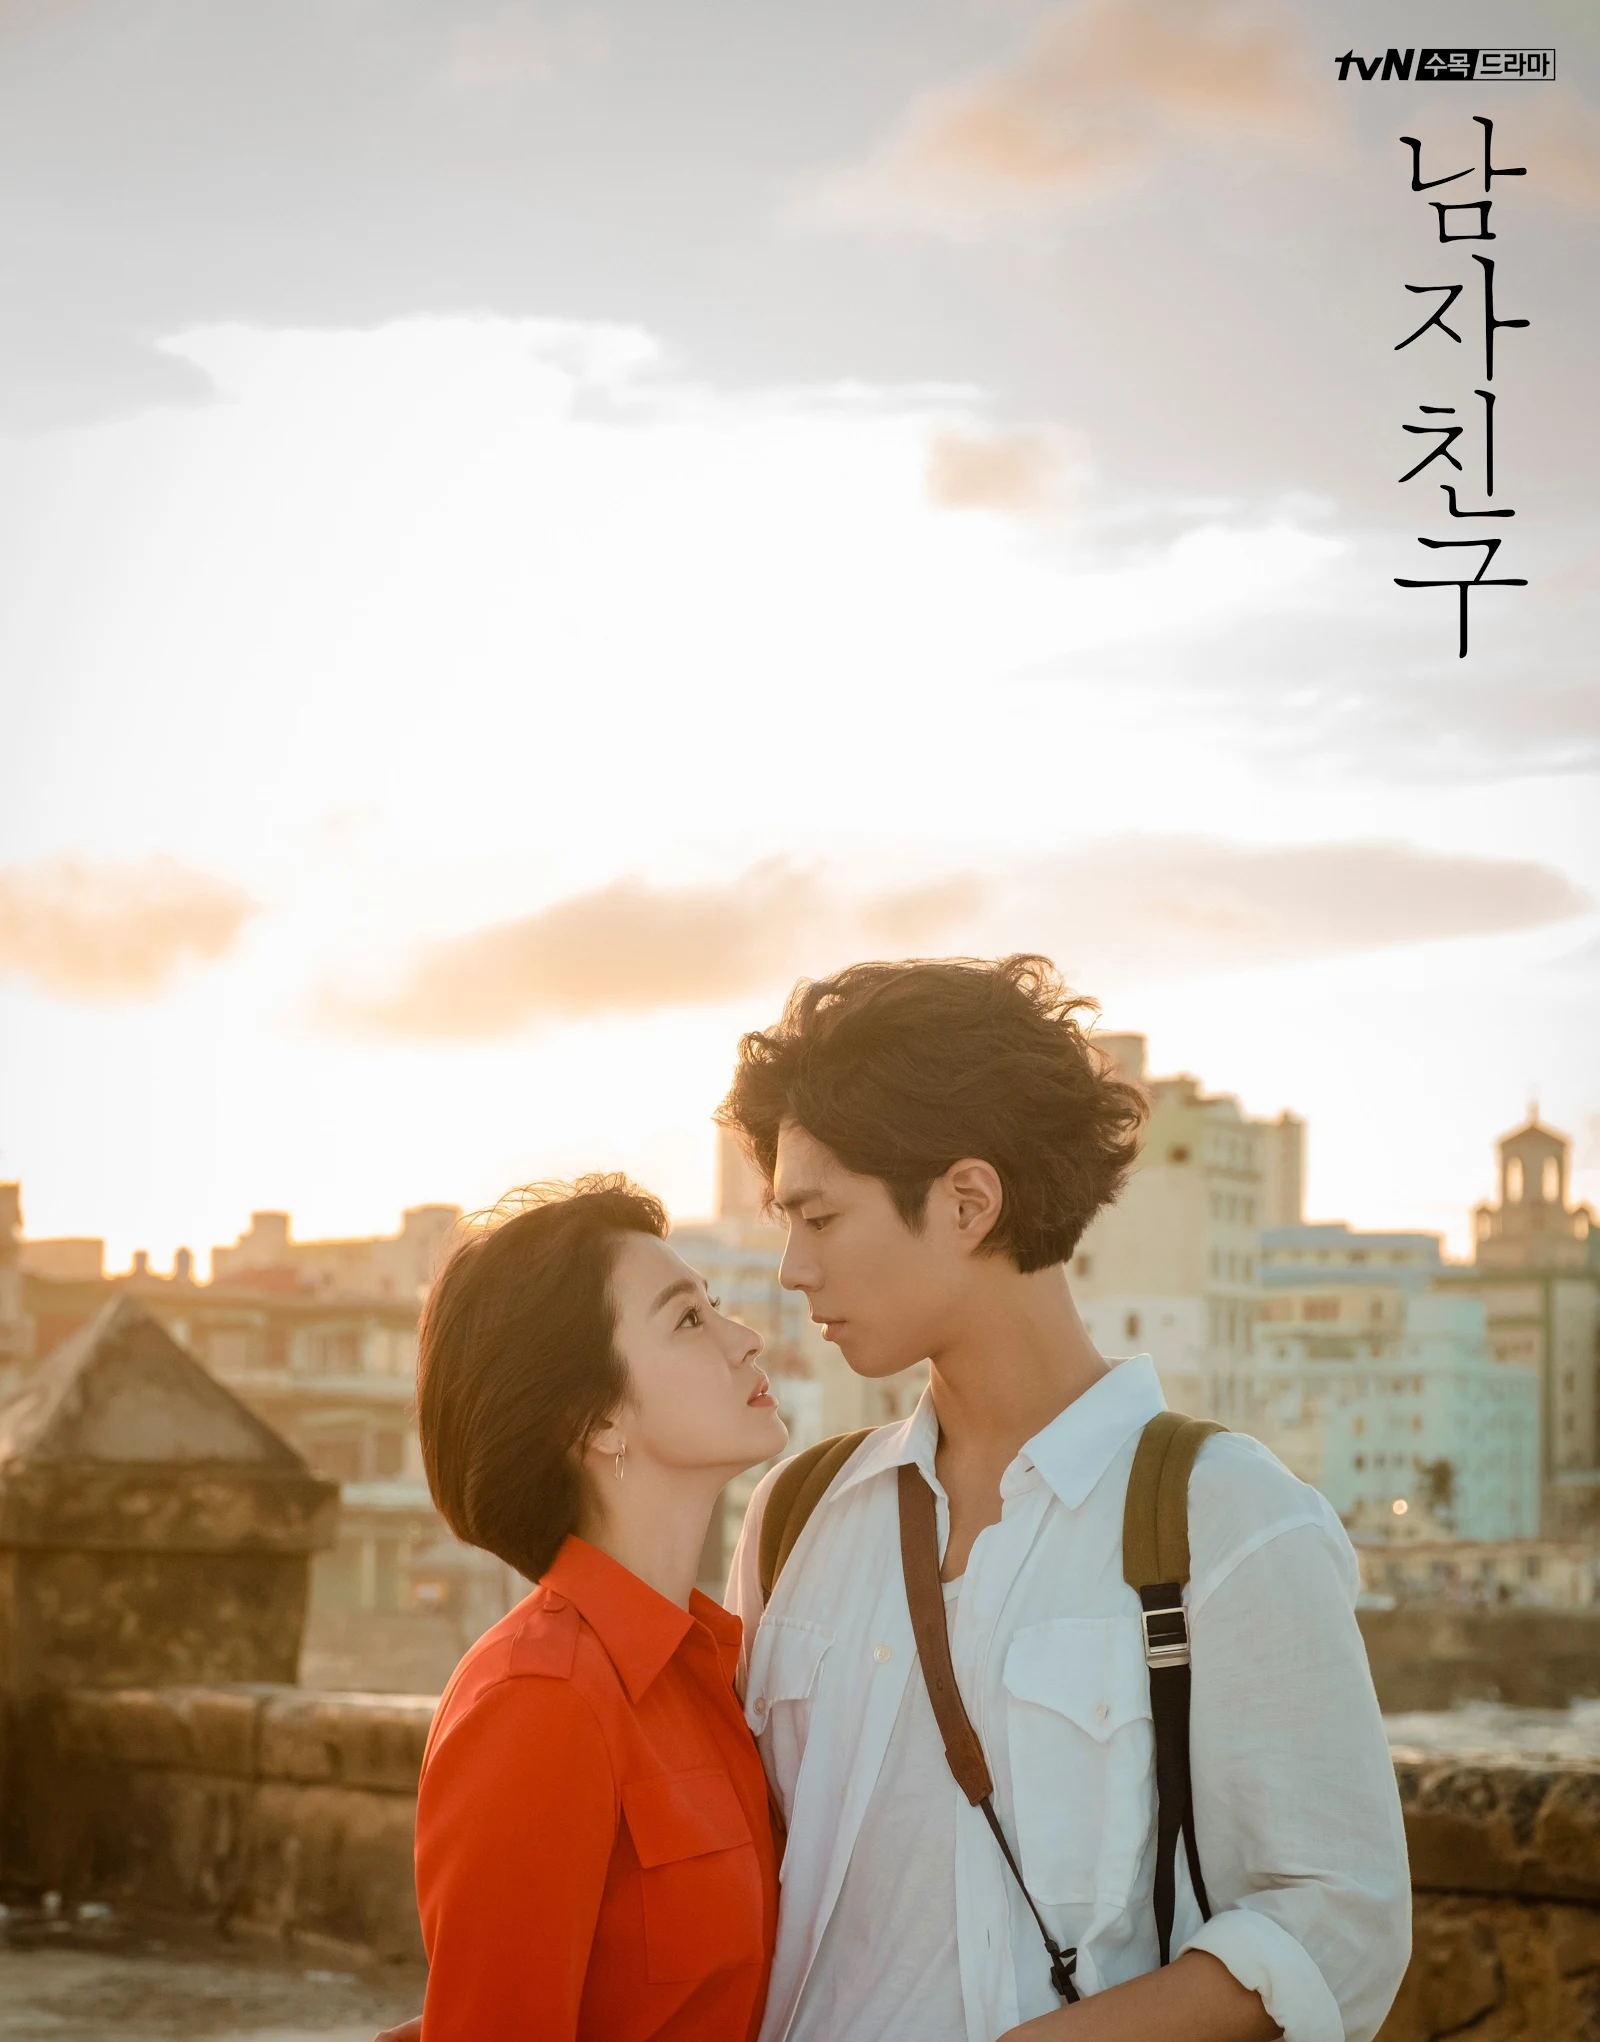 打败《男朋友》及《阿尔罕布拉宫的回忆》拿下收视冠军,整个韩国都在讨论的是这部剧!